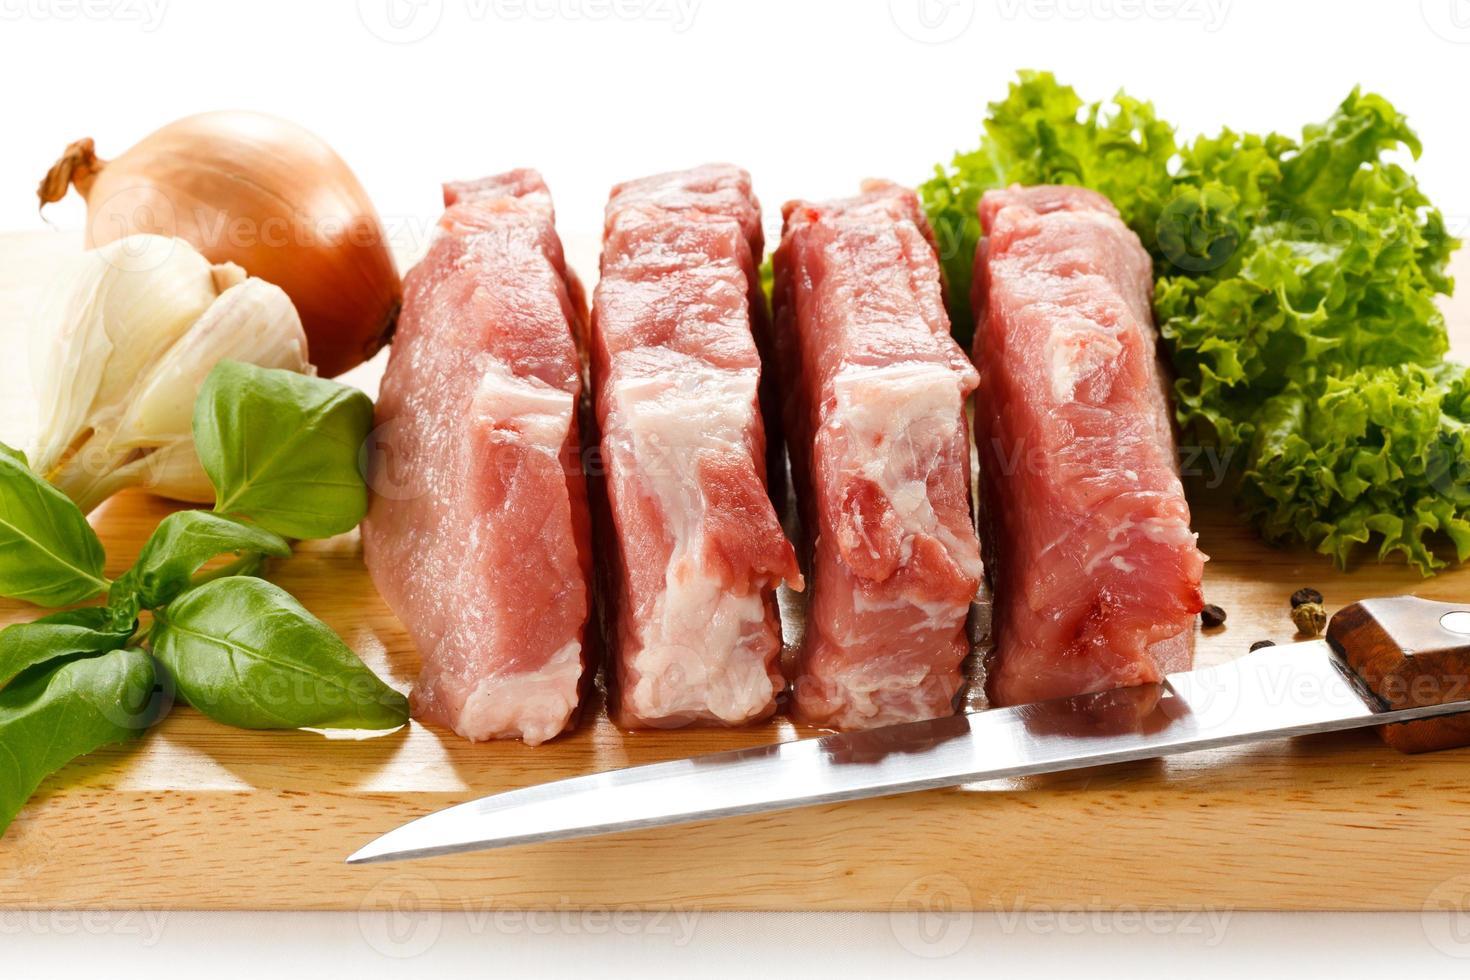 Fresh raw pork on cutting board photo